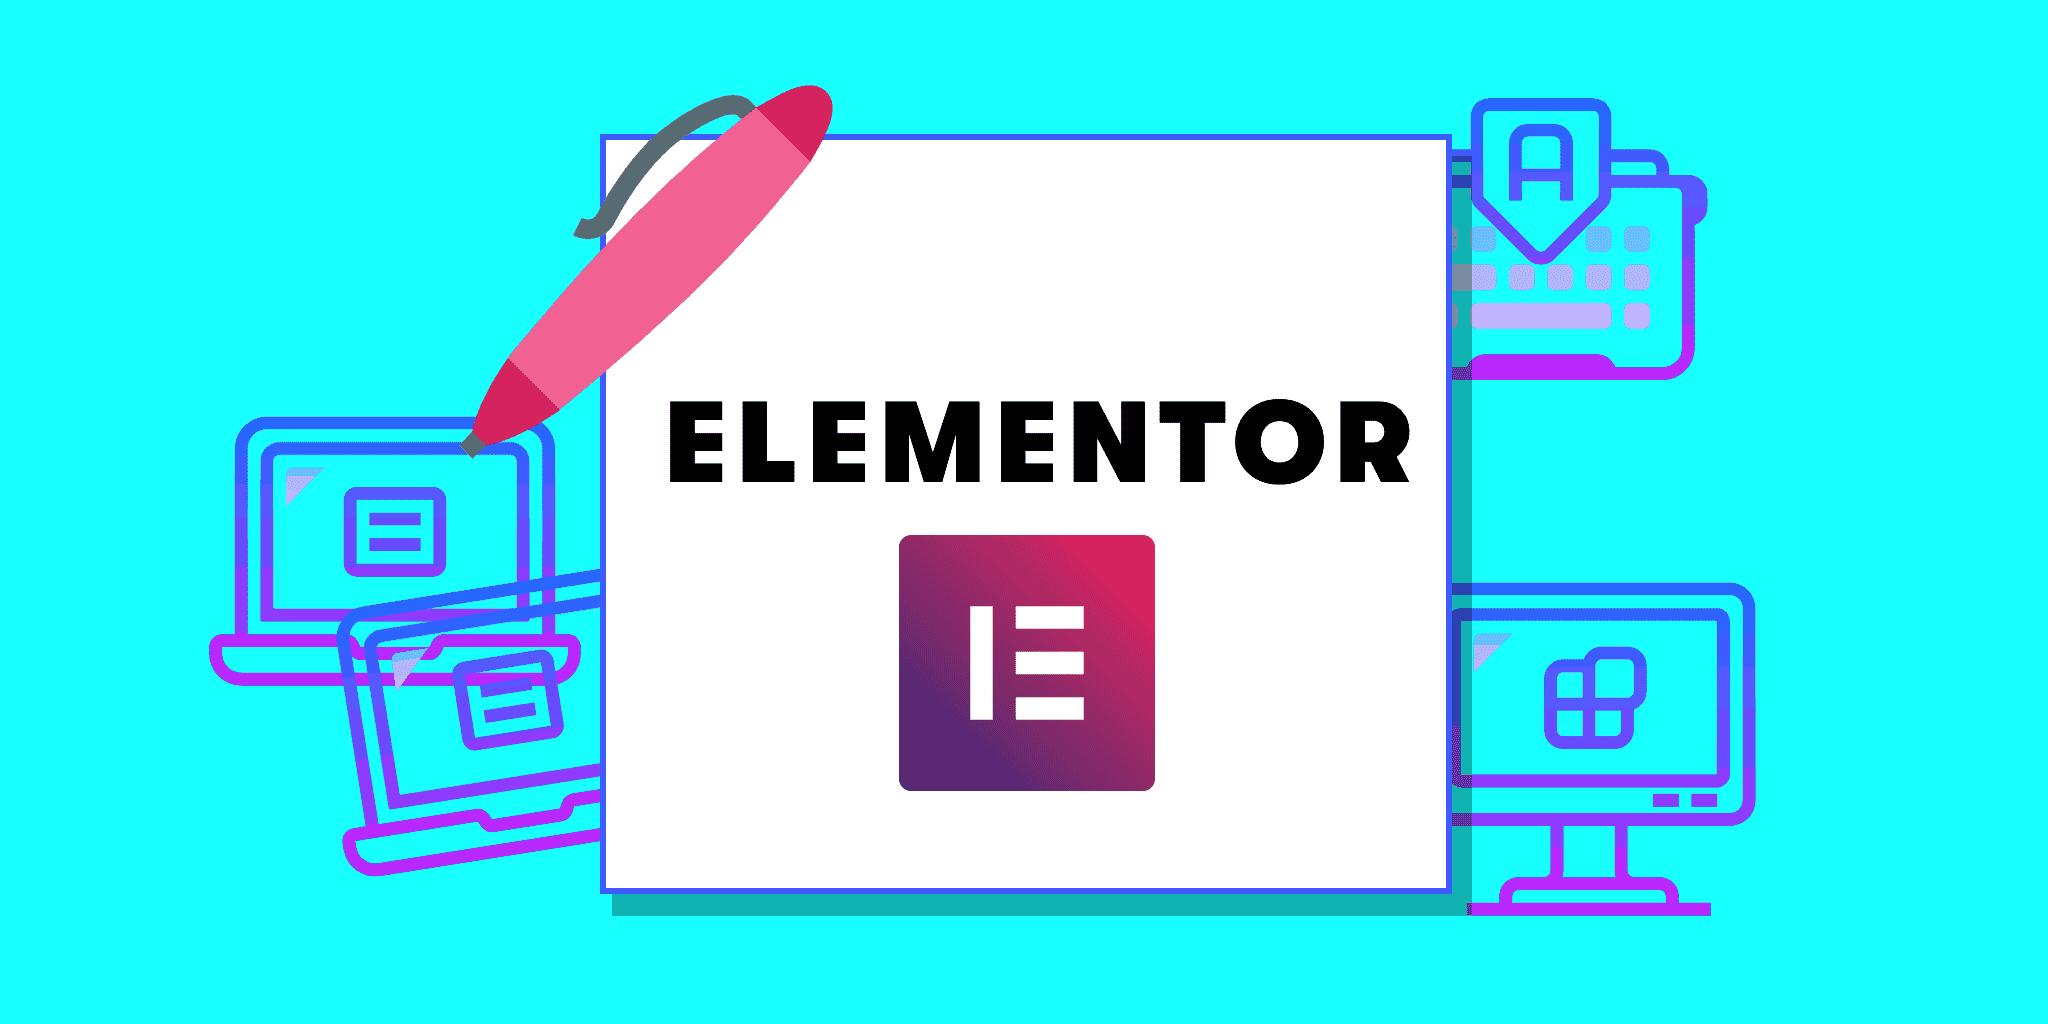 مراجعة Elementor Pro: هل هي أفضل إضافة مُنشئ الصفحات لـ WordPress؟ - احتراف الووردبريس